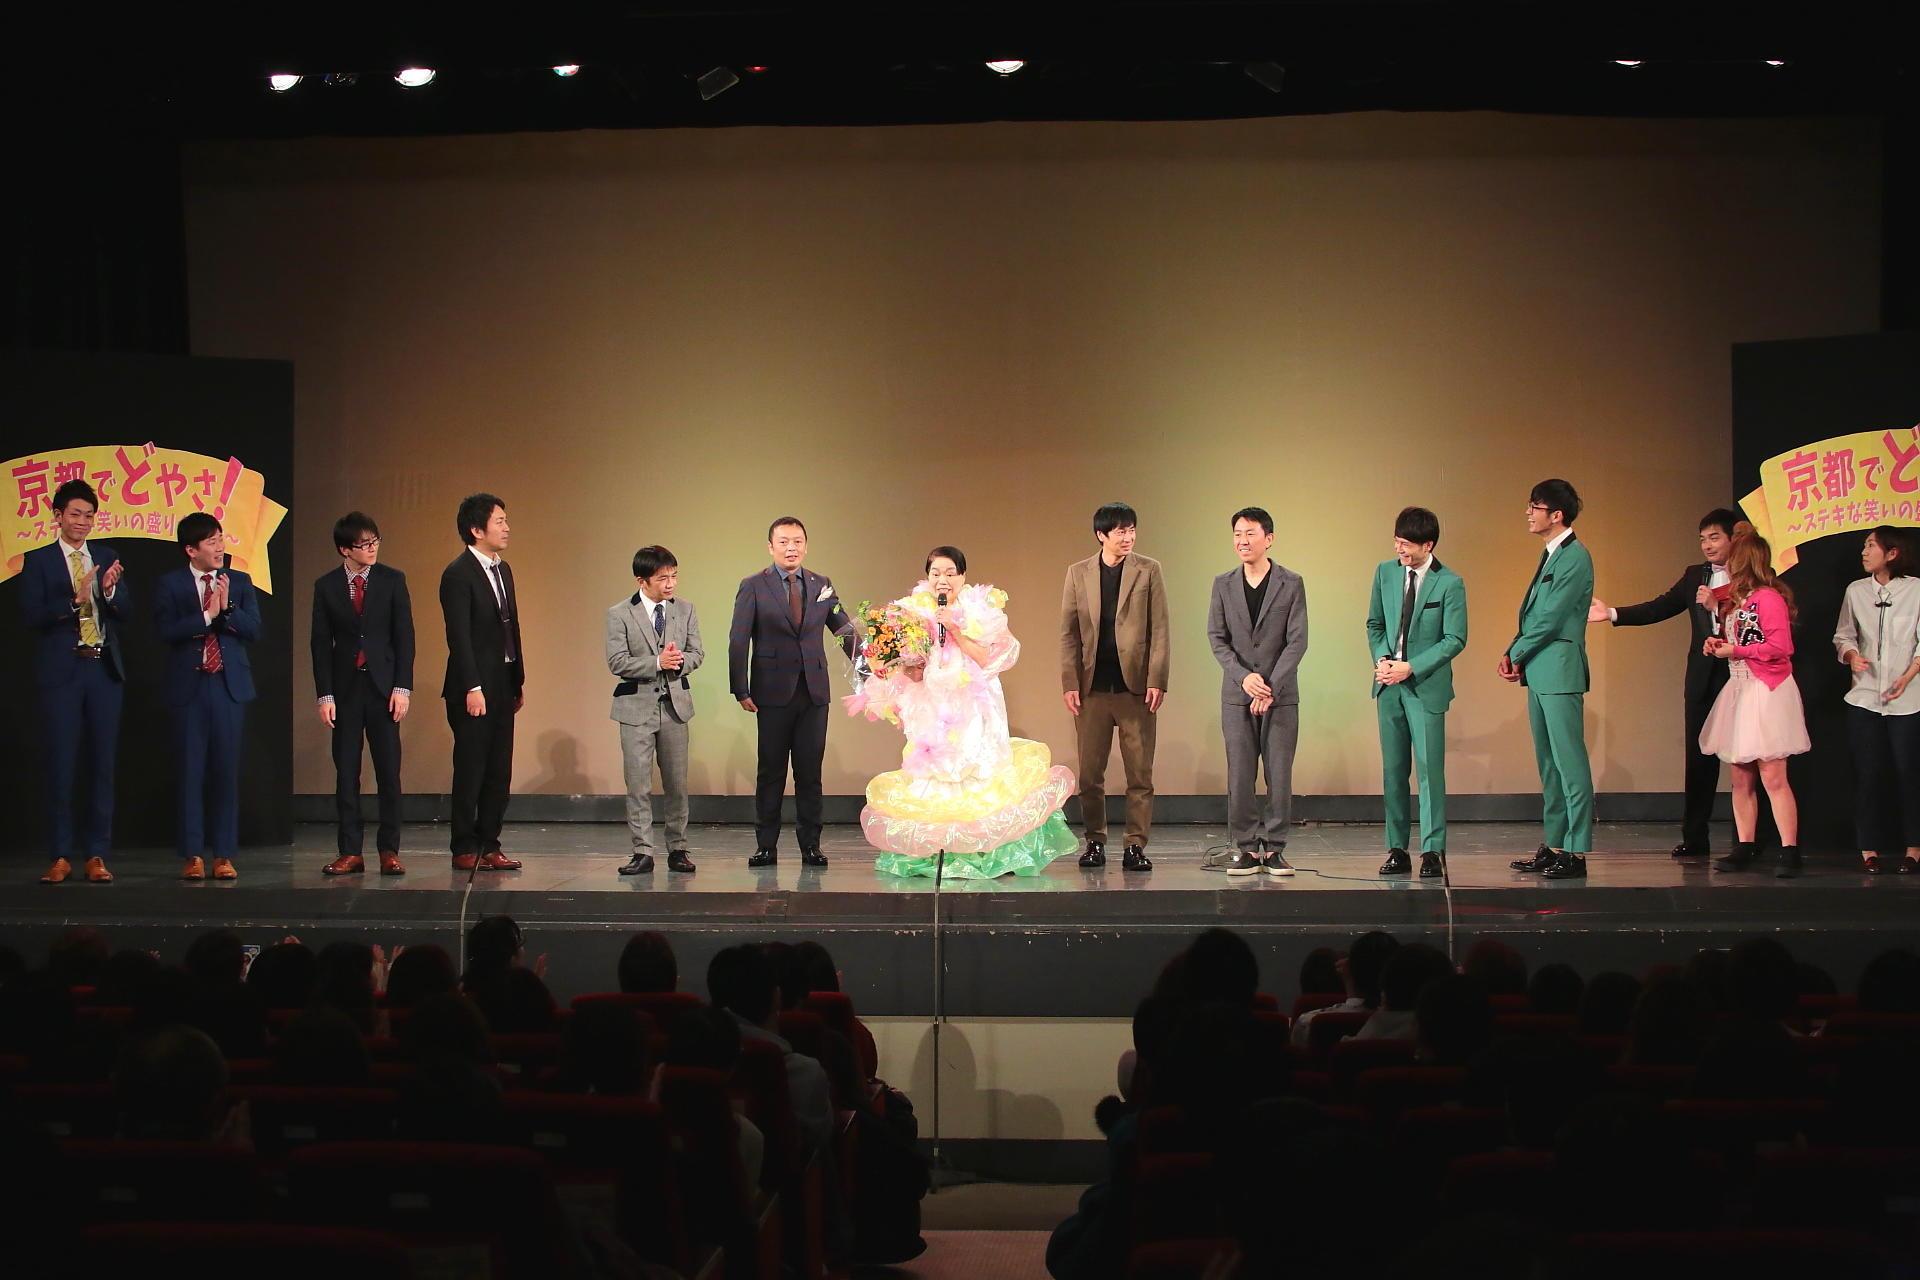 http://news.yoshimoto.co.jp/20171223165938-c009707d4c15a07e11c4b22c6fc4e6810239d071.jpg